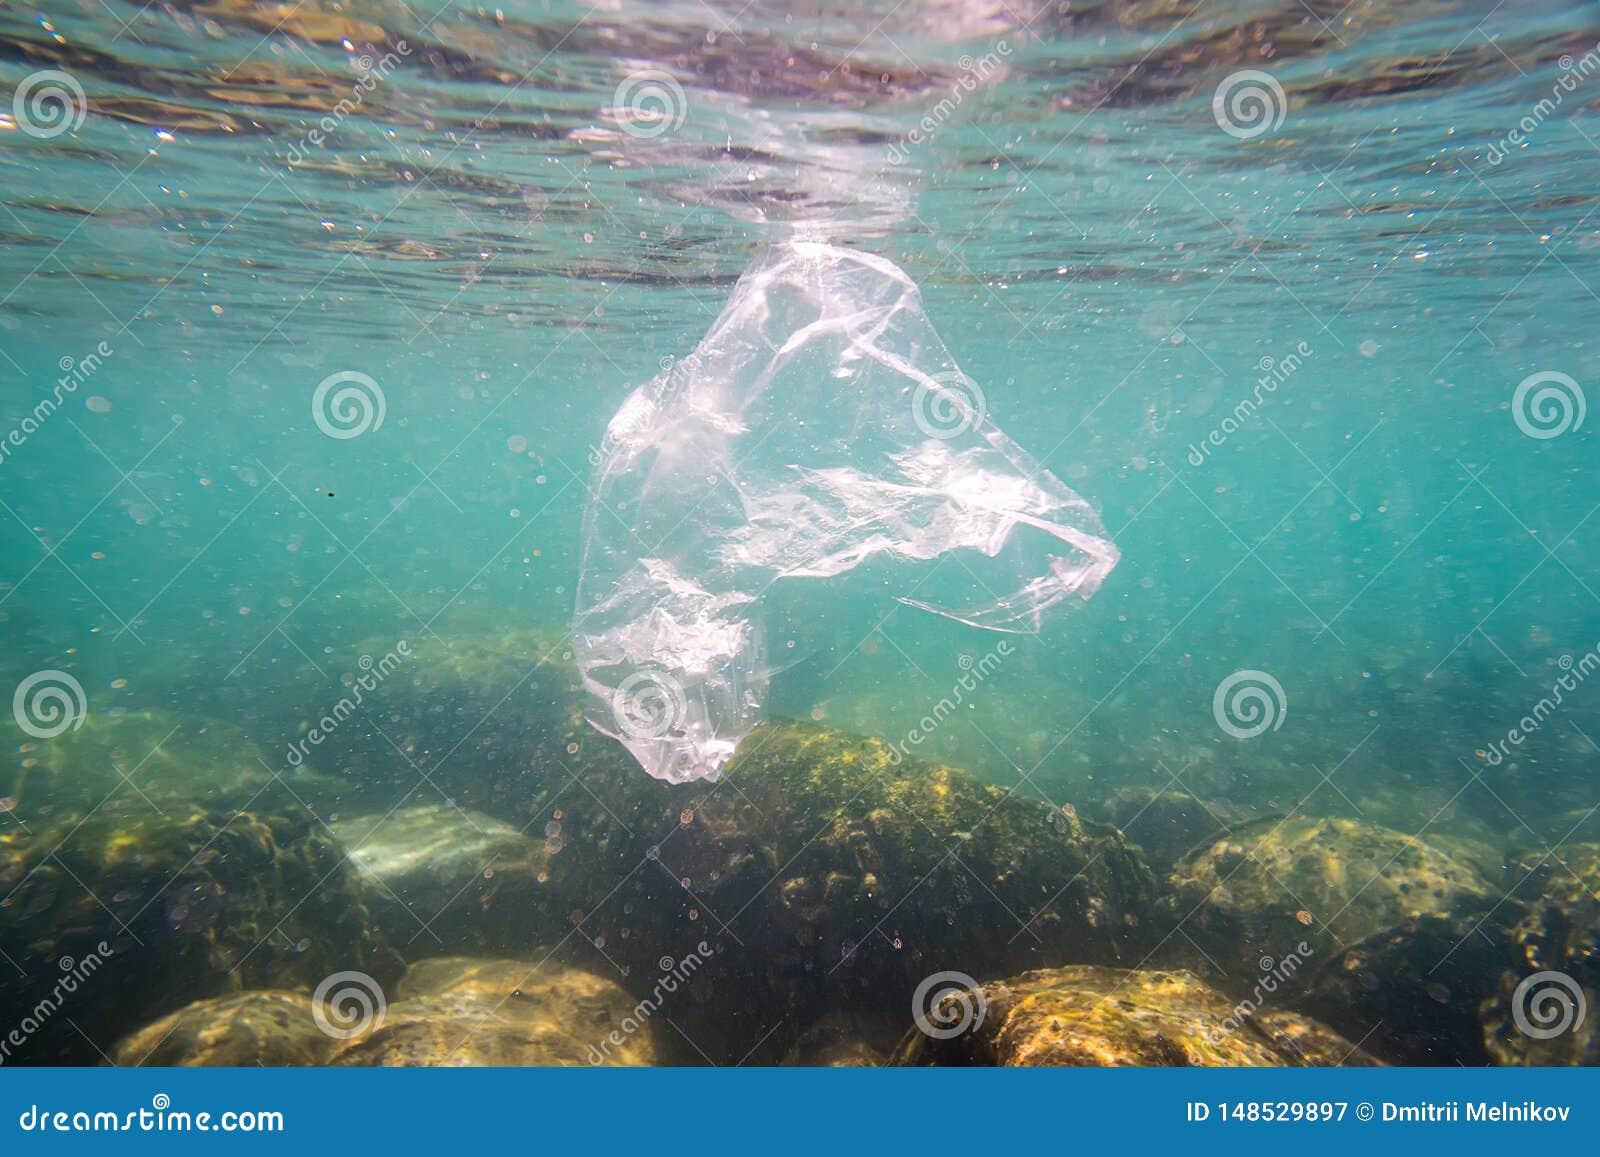 De plastic verontreiniging een verworpen plastic vuilniszak drijft op een tropisch koraalrif voorstellend een gevaar aan het mari